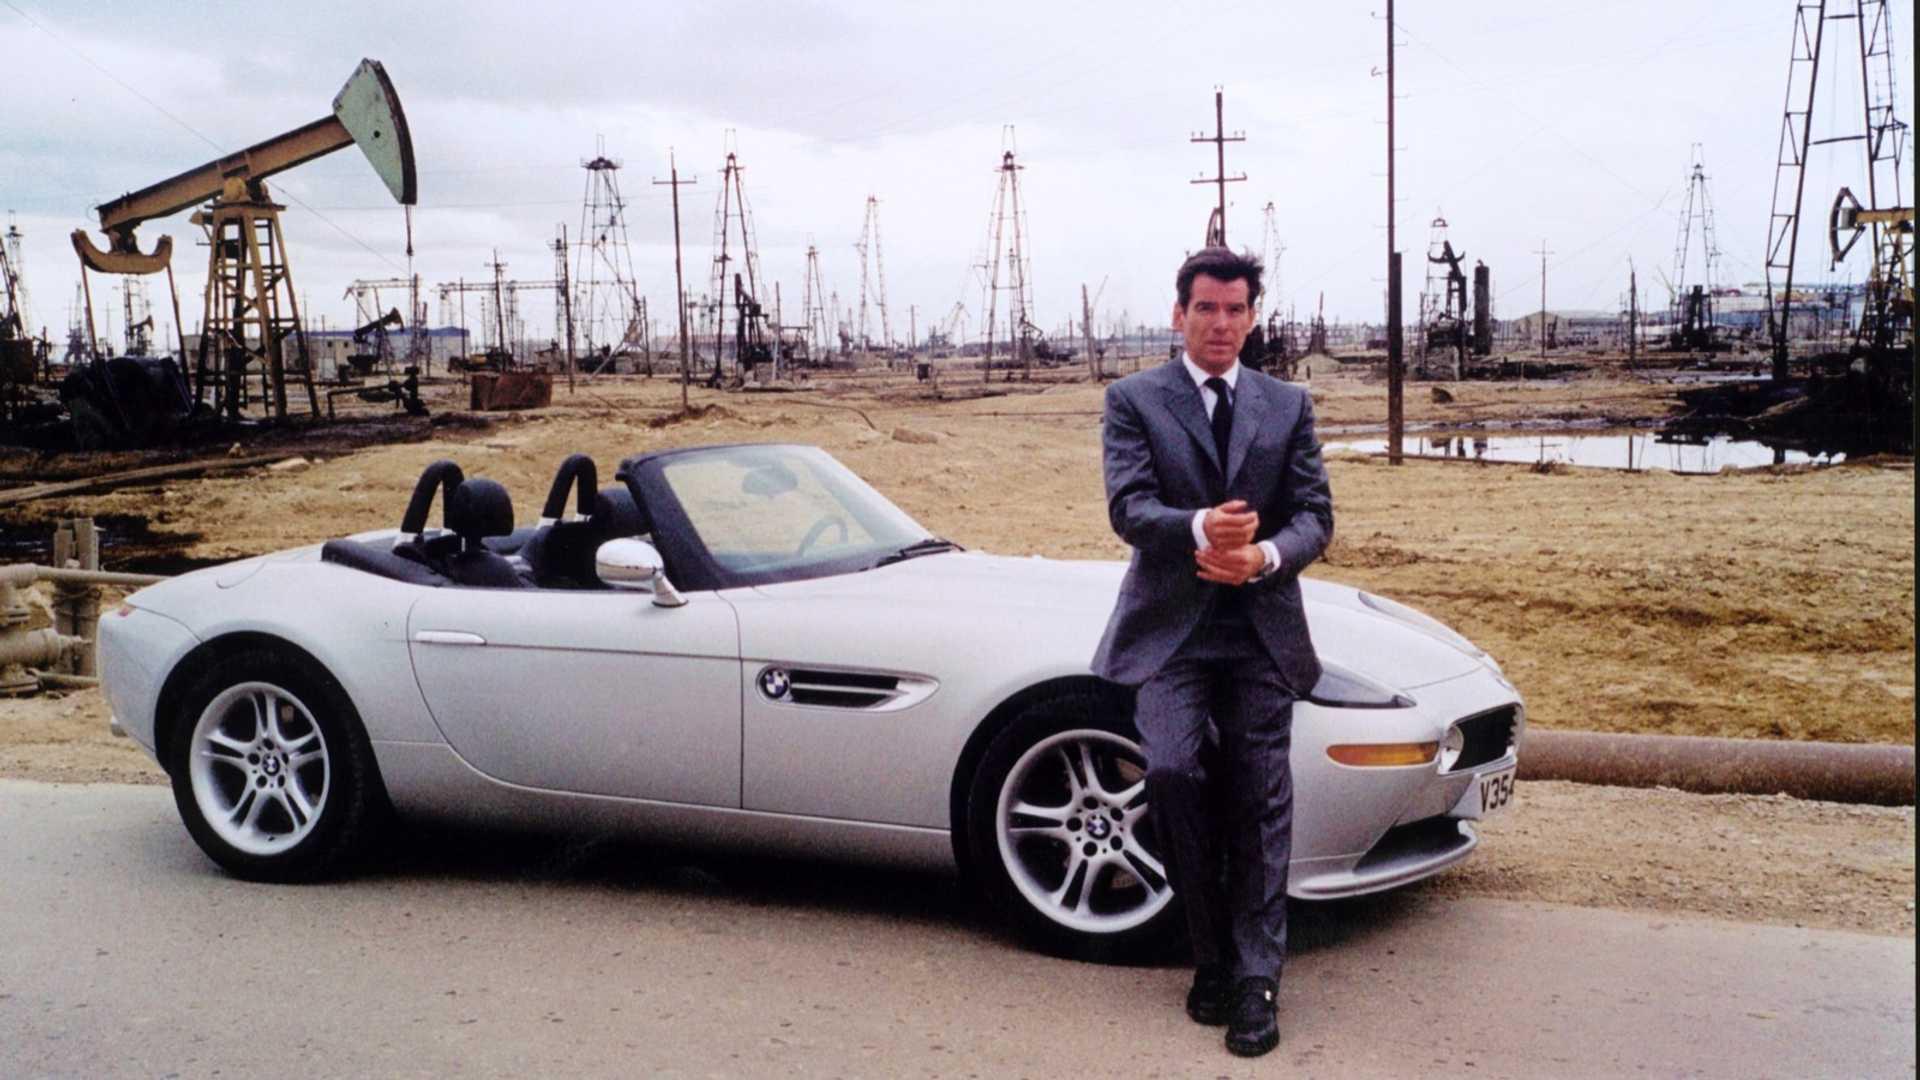 James Bond Cars BMW z8